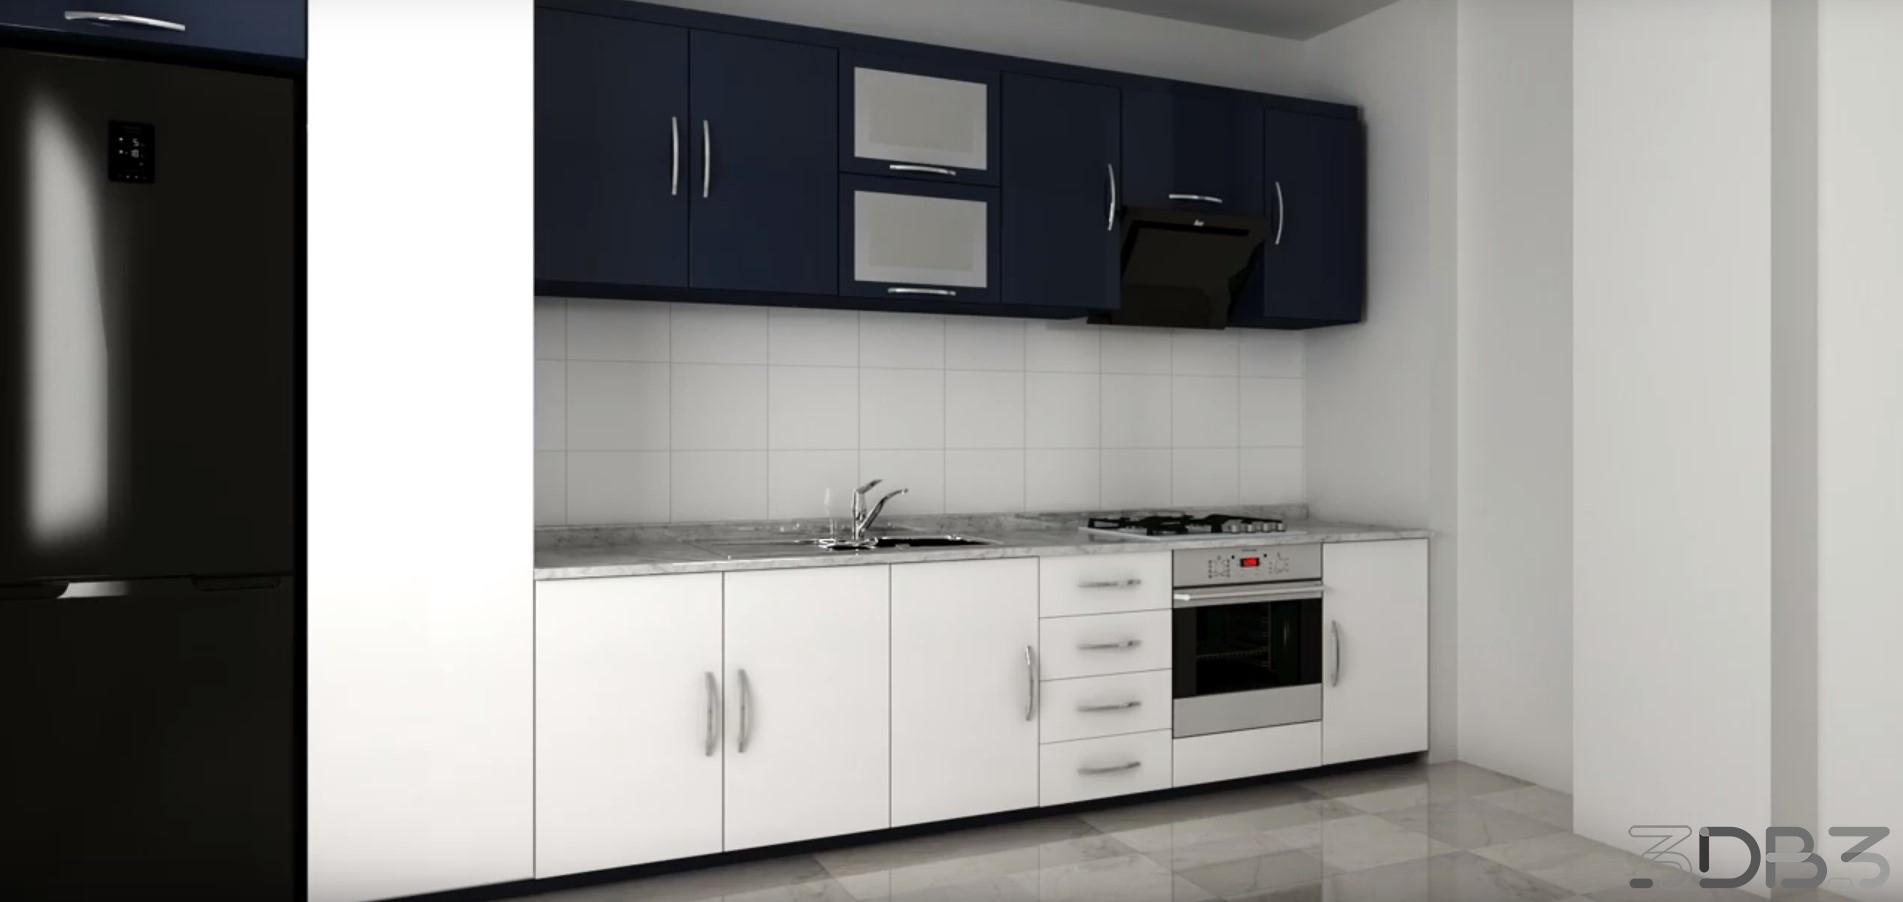 Kitchen Modeling Script V1